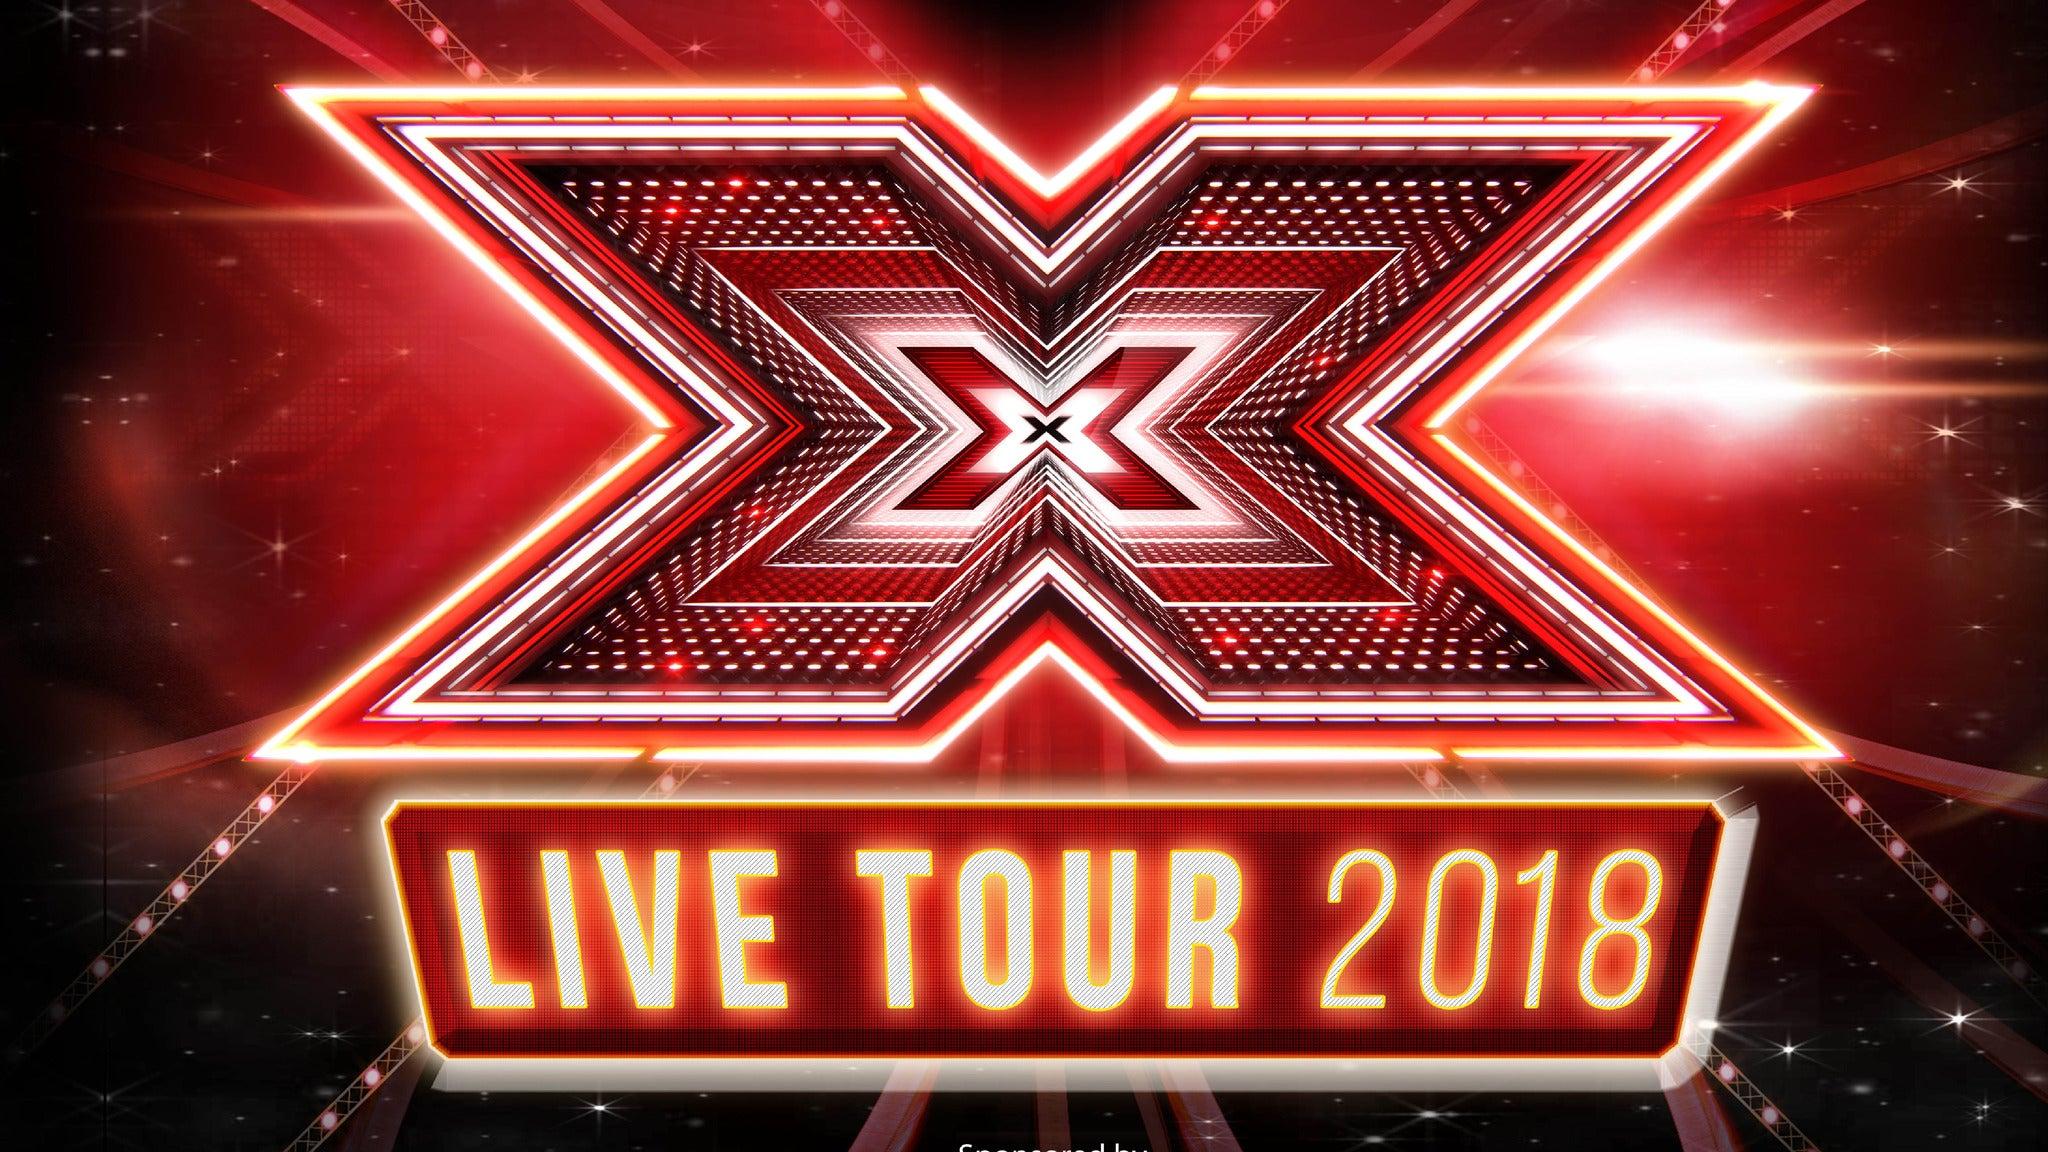 foto ticket X Factor Live Tour